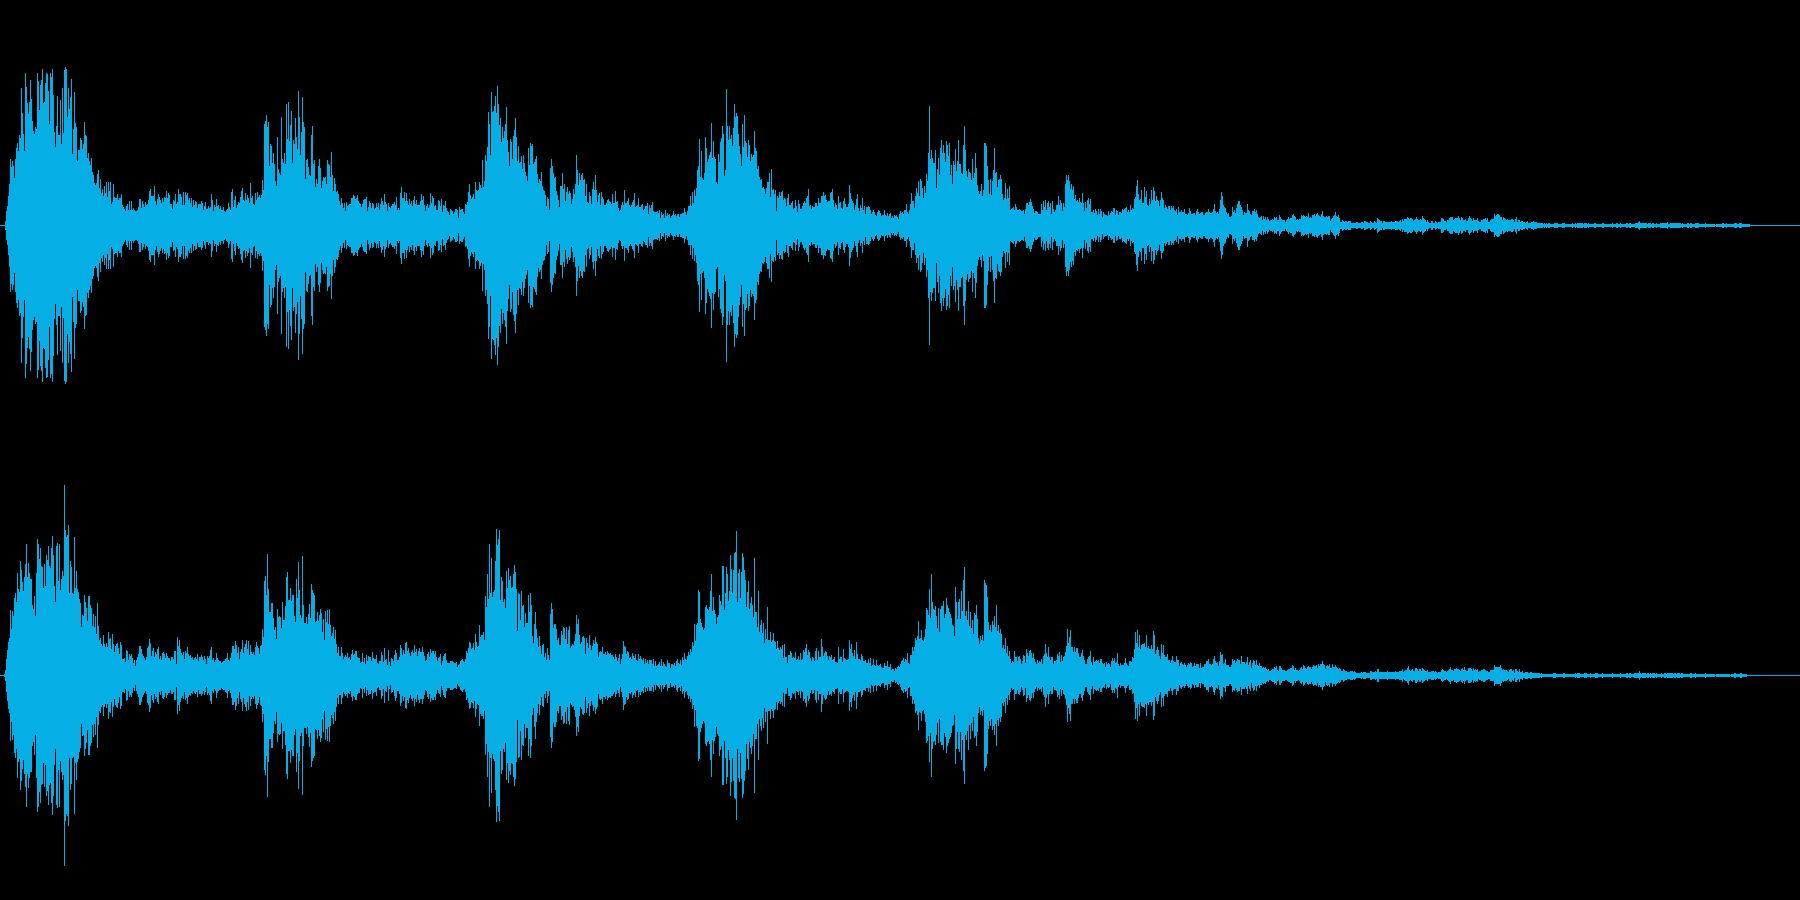 カランカラン(金属が擦り合う効果音)の再生済みの波形